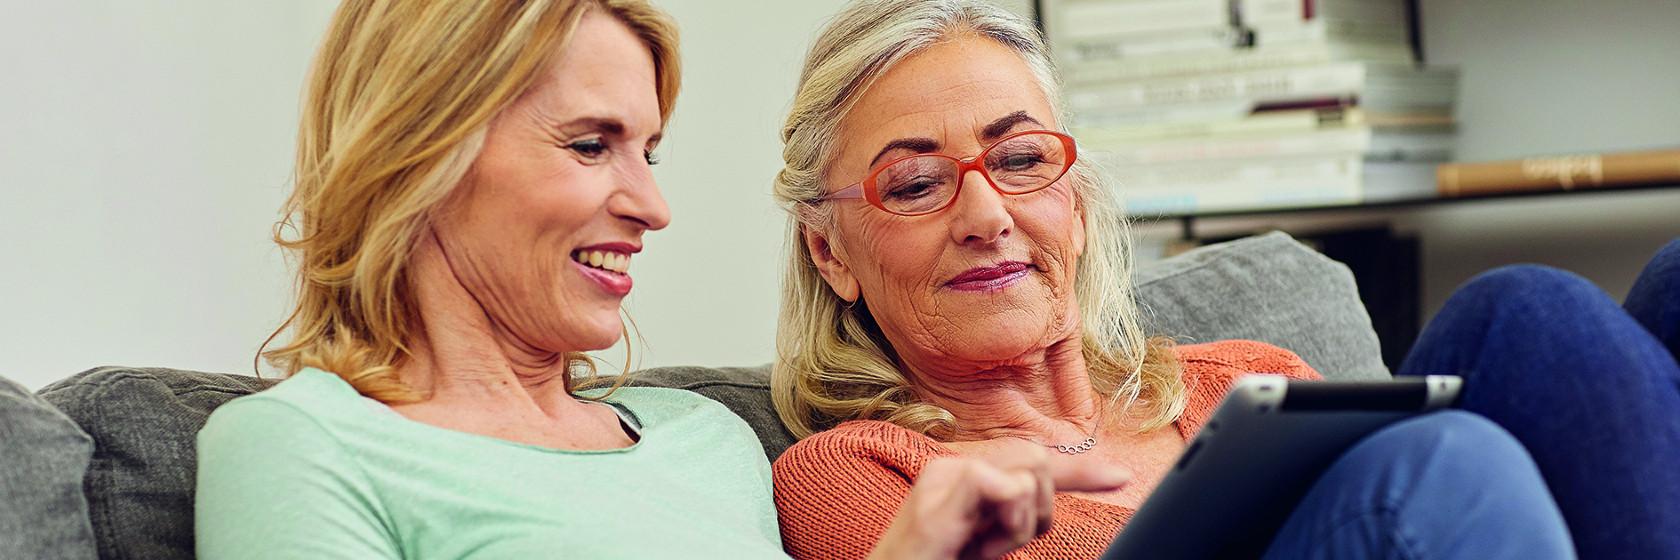 Zwei Frauen schauen auf einen Tablet-Computer.